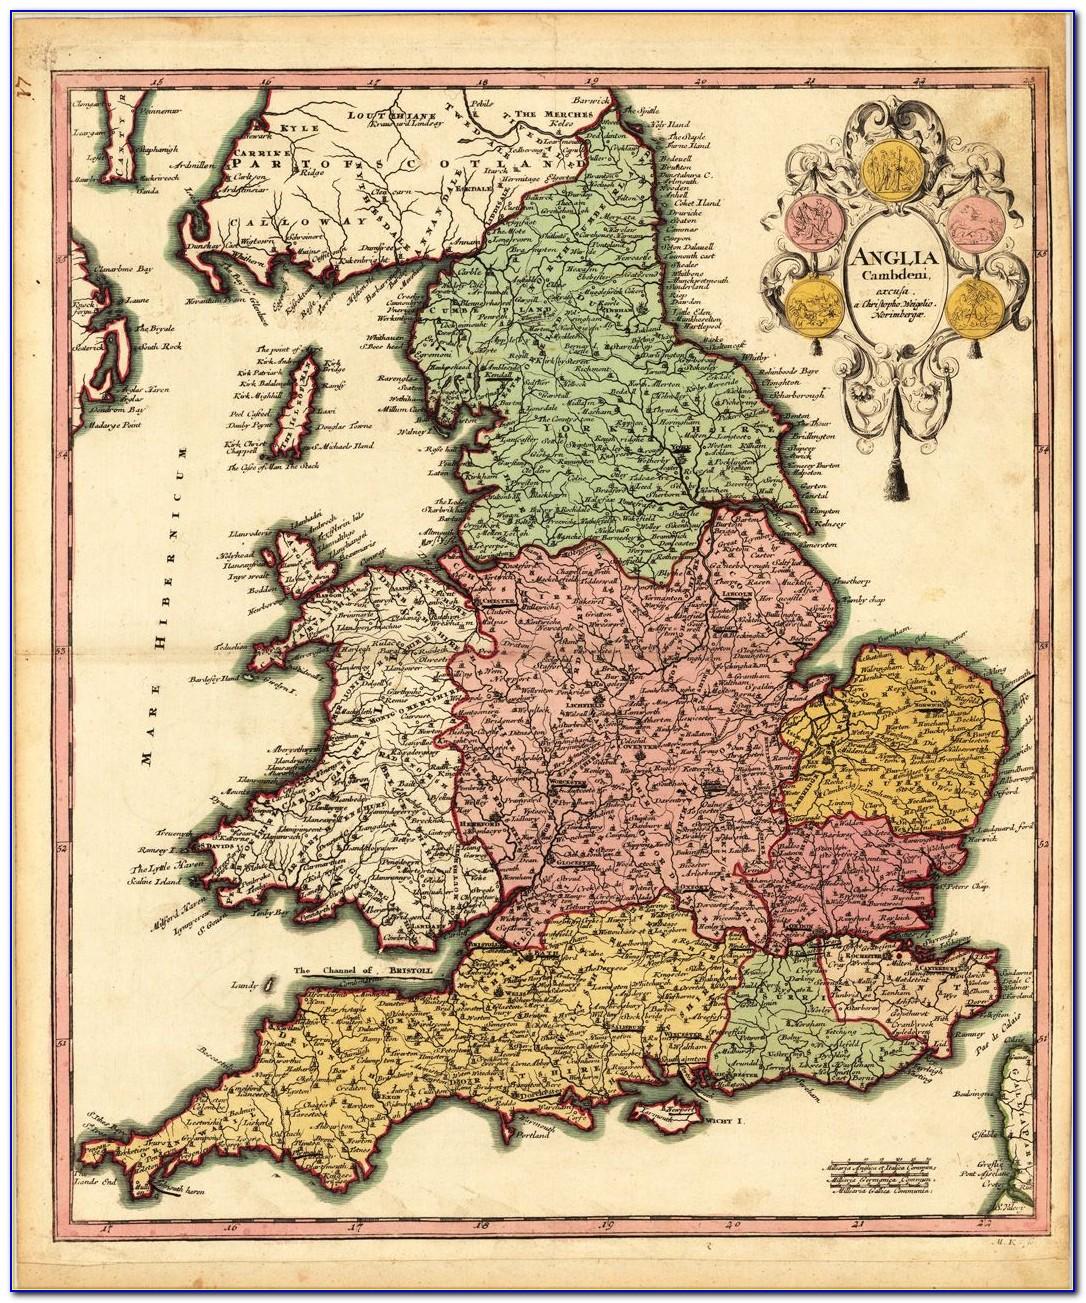 Original Antique Maps Uk